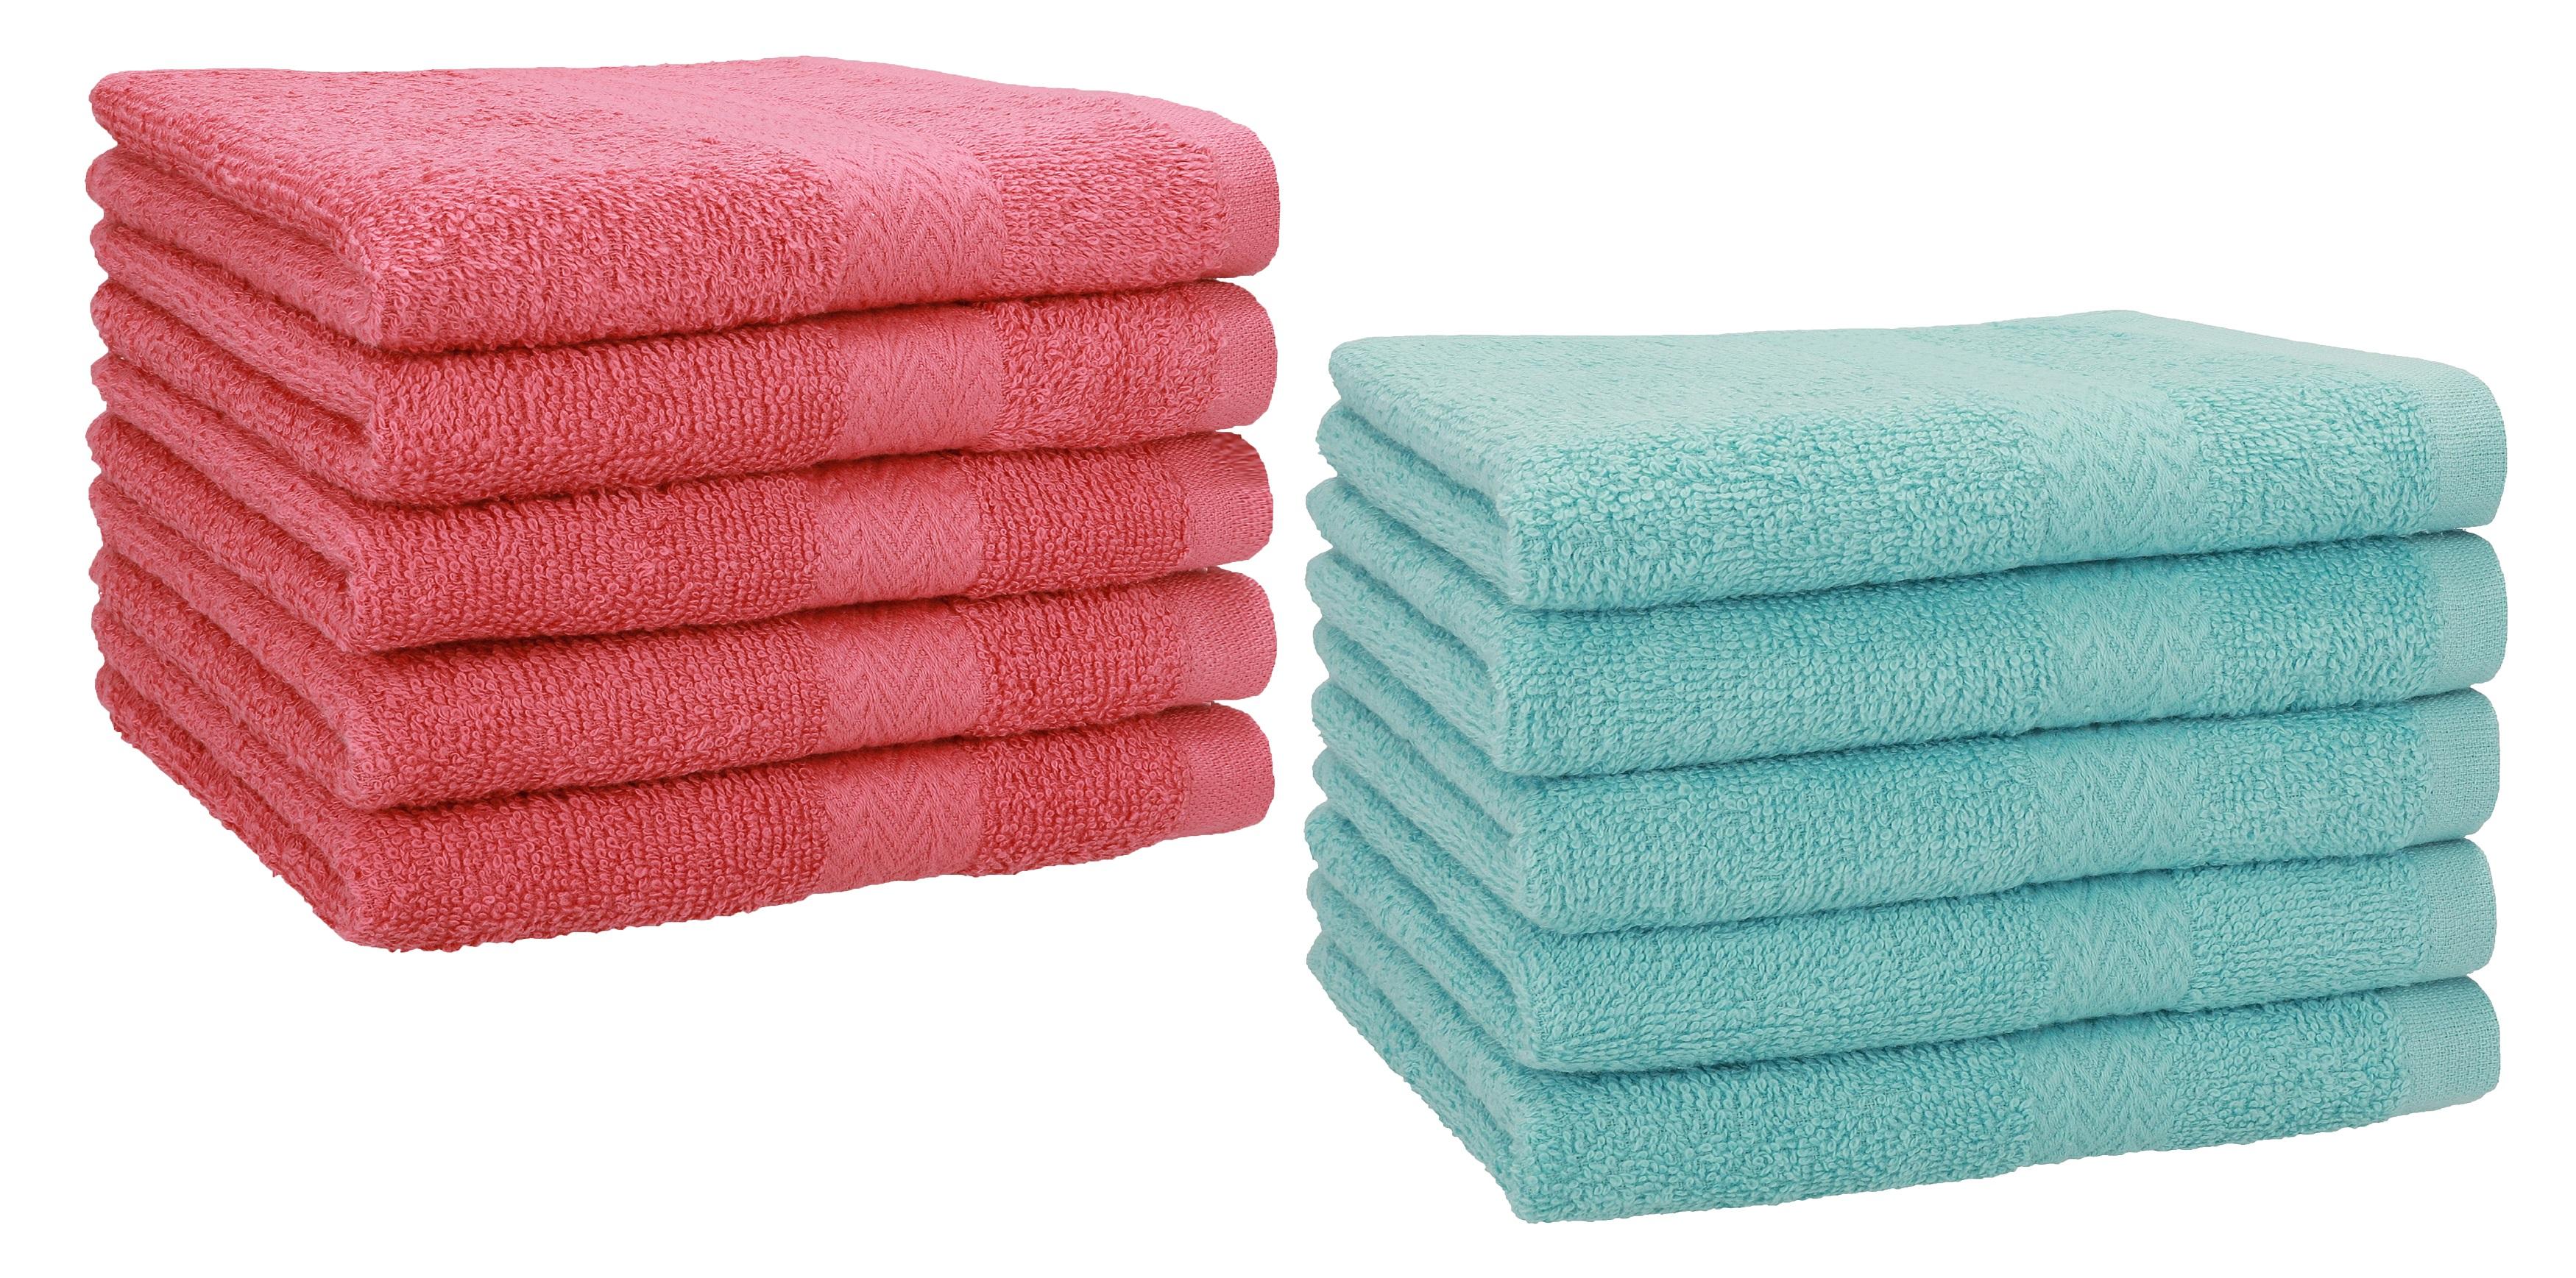 """Misura Verde Smeraldo e Grigio Antracite Colore 30 x 50 cm BETZ Set di 10 Asciugamani per Gli Ospiti /""""Premium/"""""""